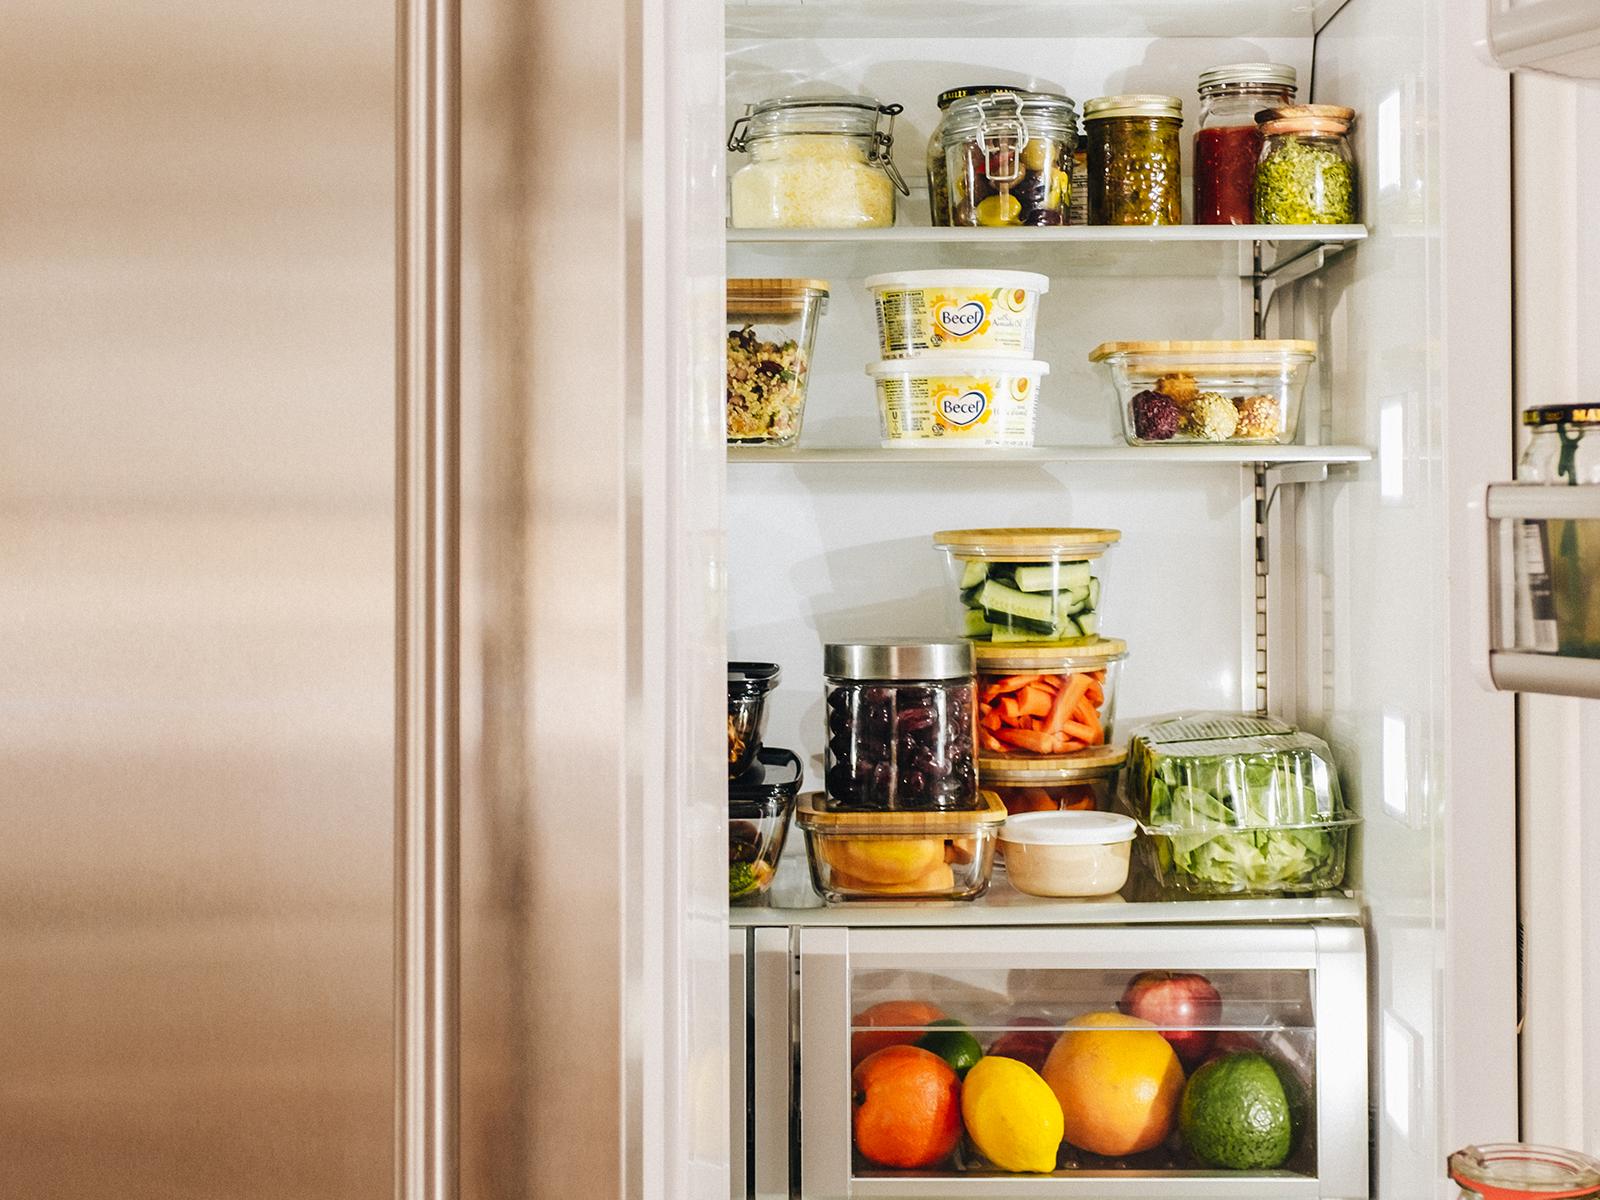 Comment Ranger Dans Un Frigo organiser son frigo - trois fois par jour